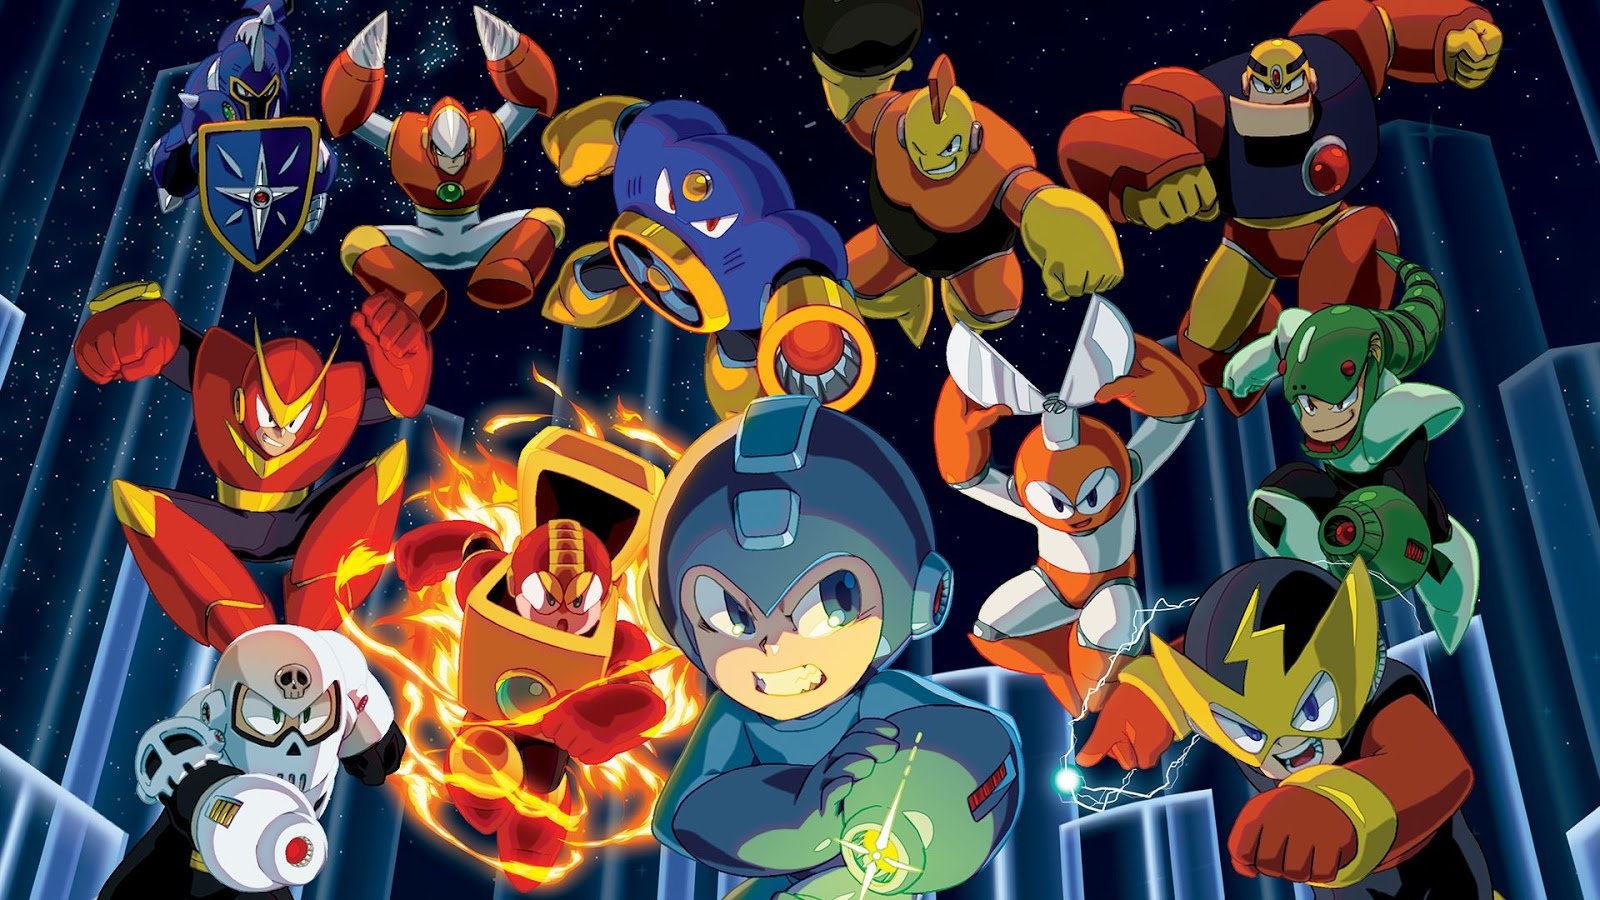 Mega Man Legacy Collection 1 e 2 (Multi) serão lançados para Switch